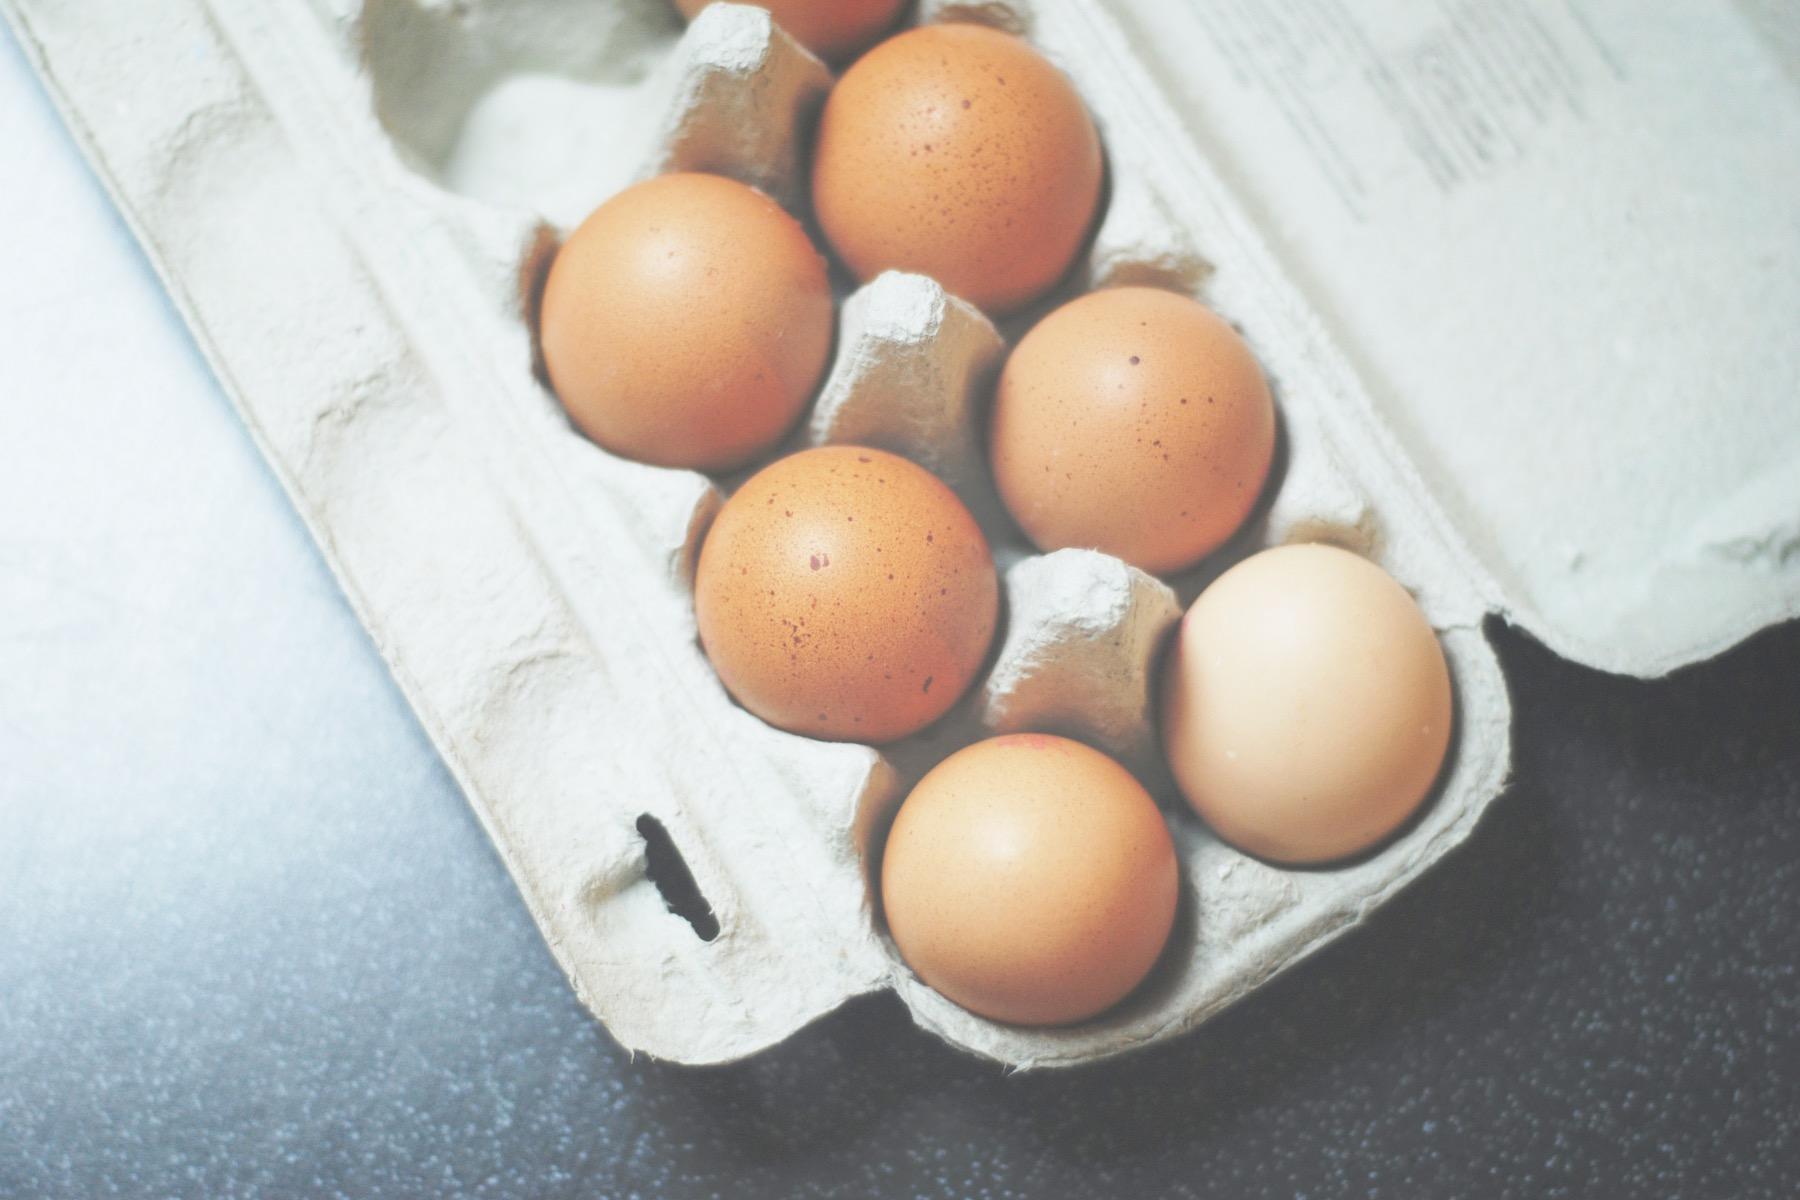 frischeautomaten augsburg Eier – ©Unsplash